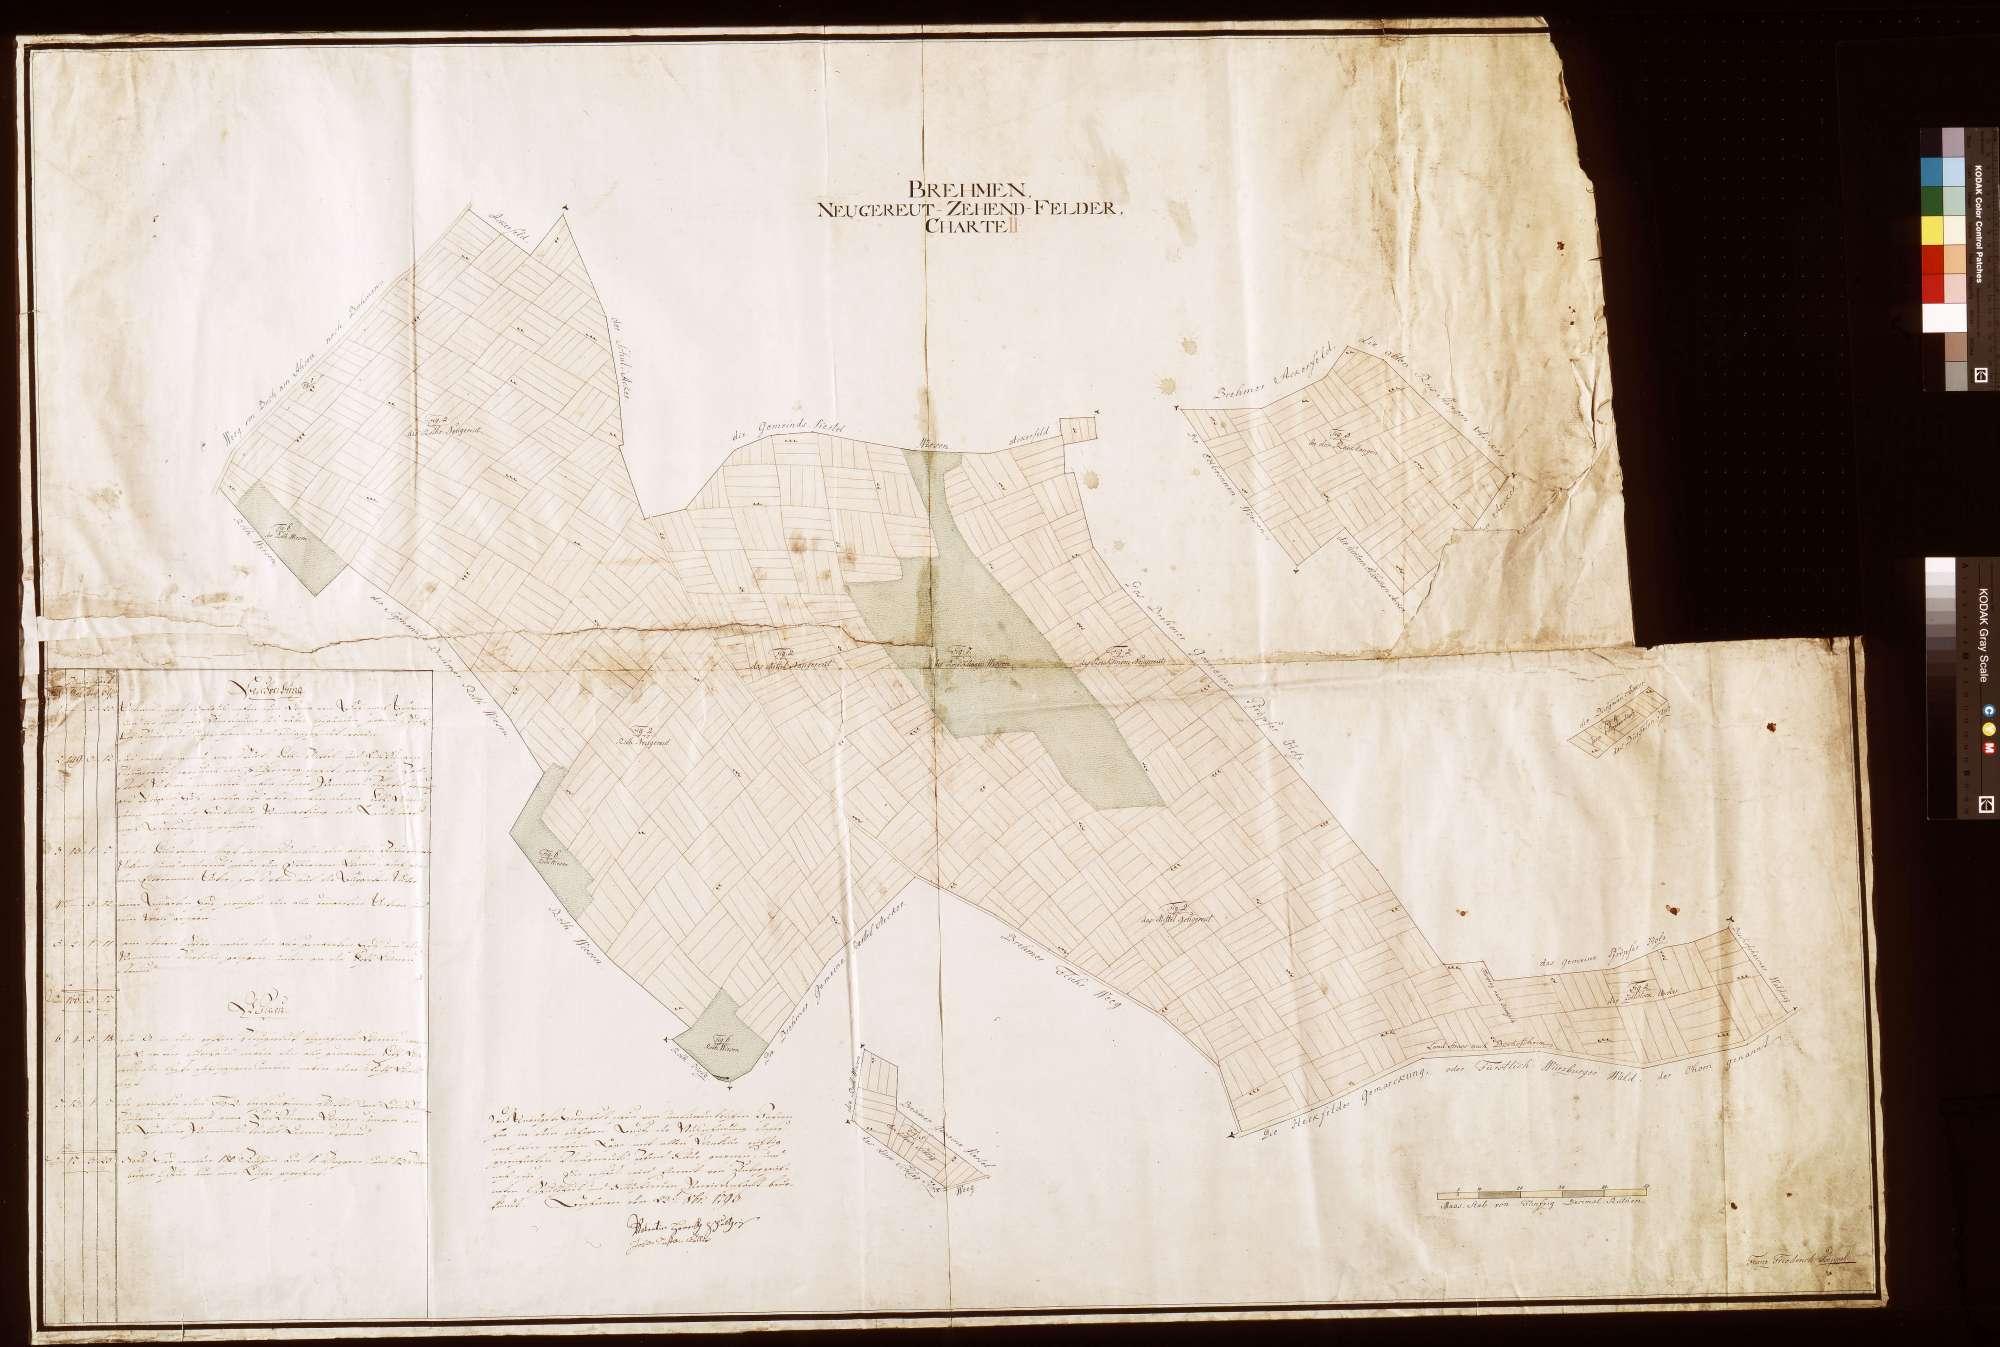 Brehmen: Neugereutzehntfelder (Inselkarte), Bild 1